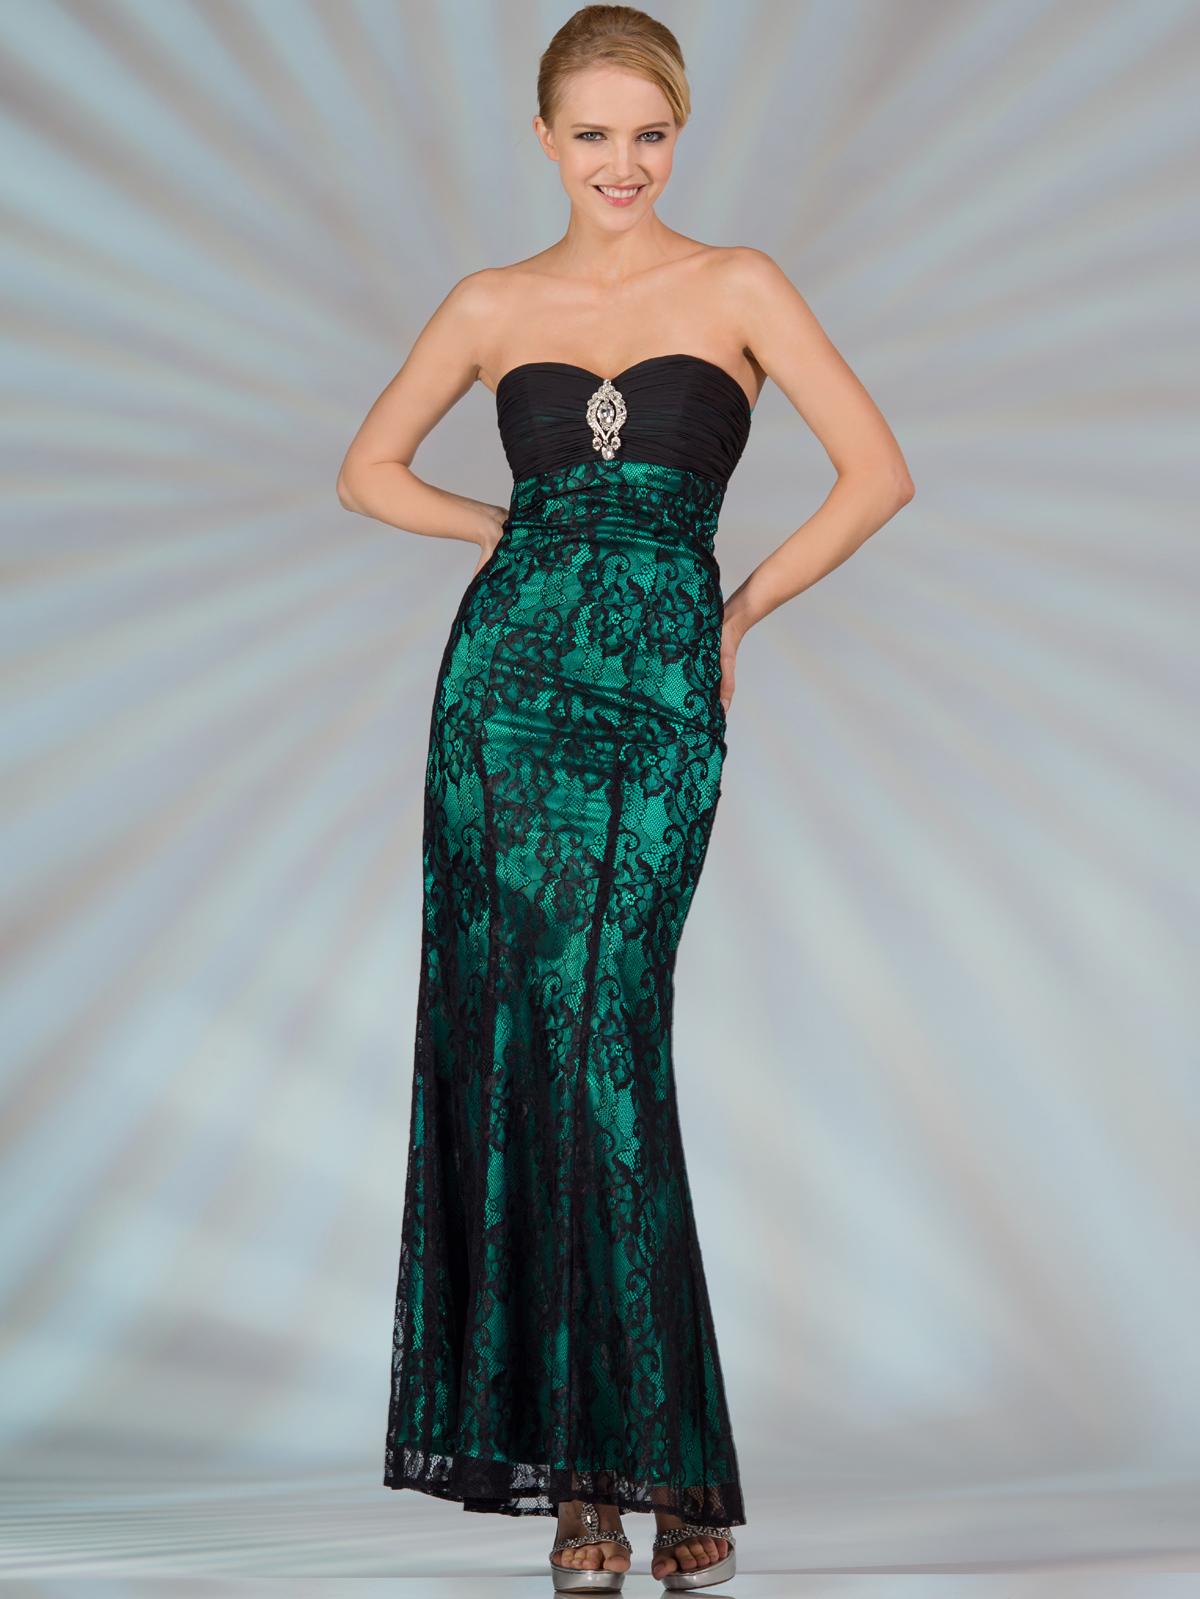 Lace Evening Dress | Sung Boutique L.A.